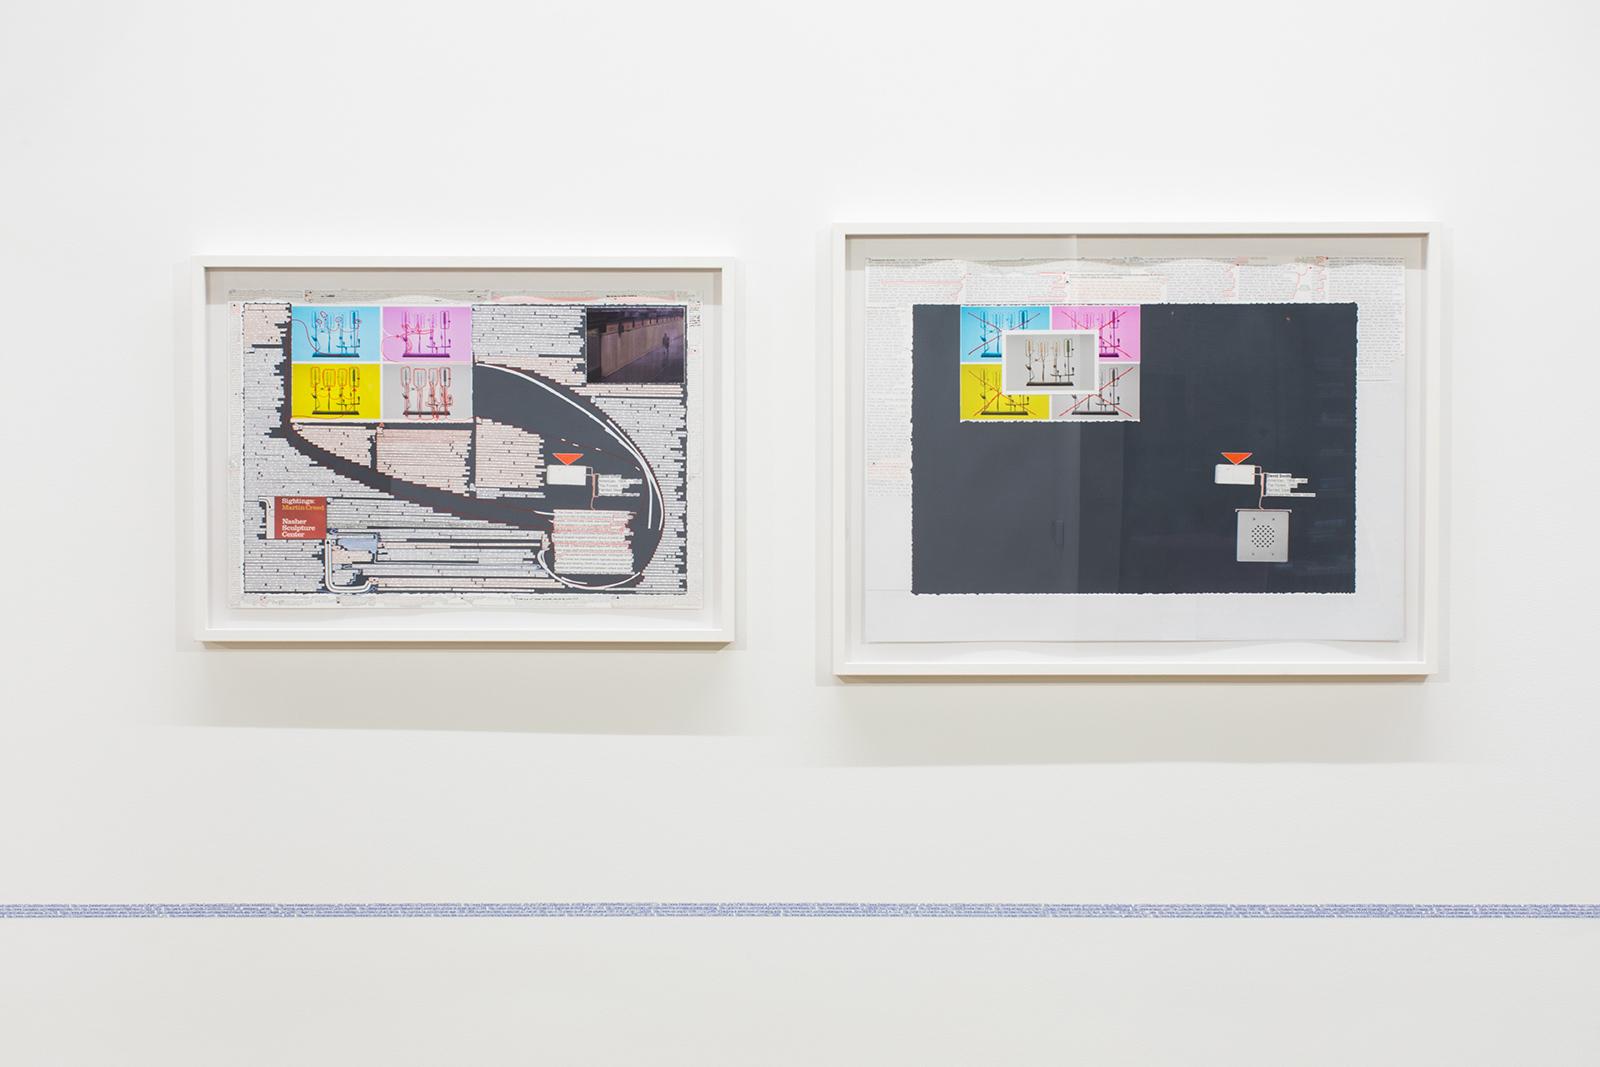 Union-gallery-matthewsontheimer001